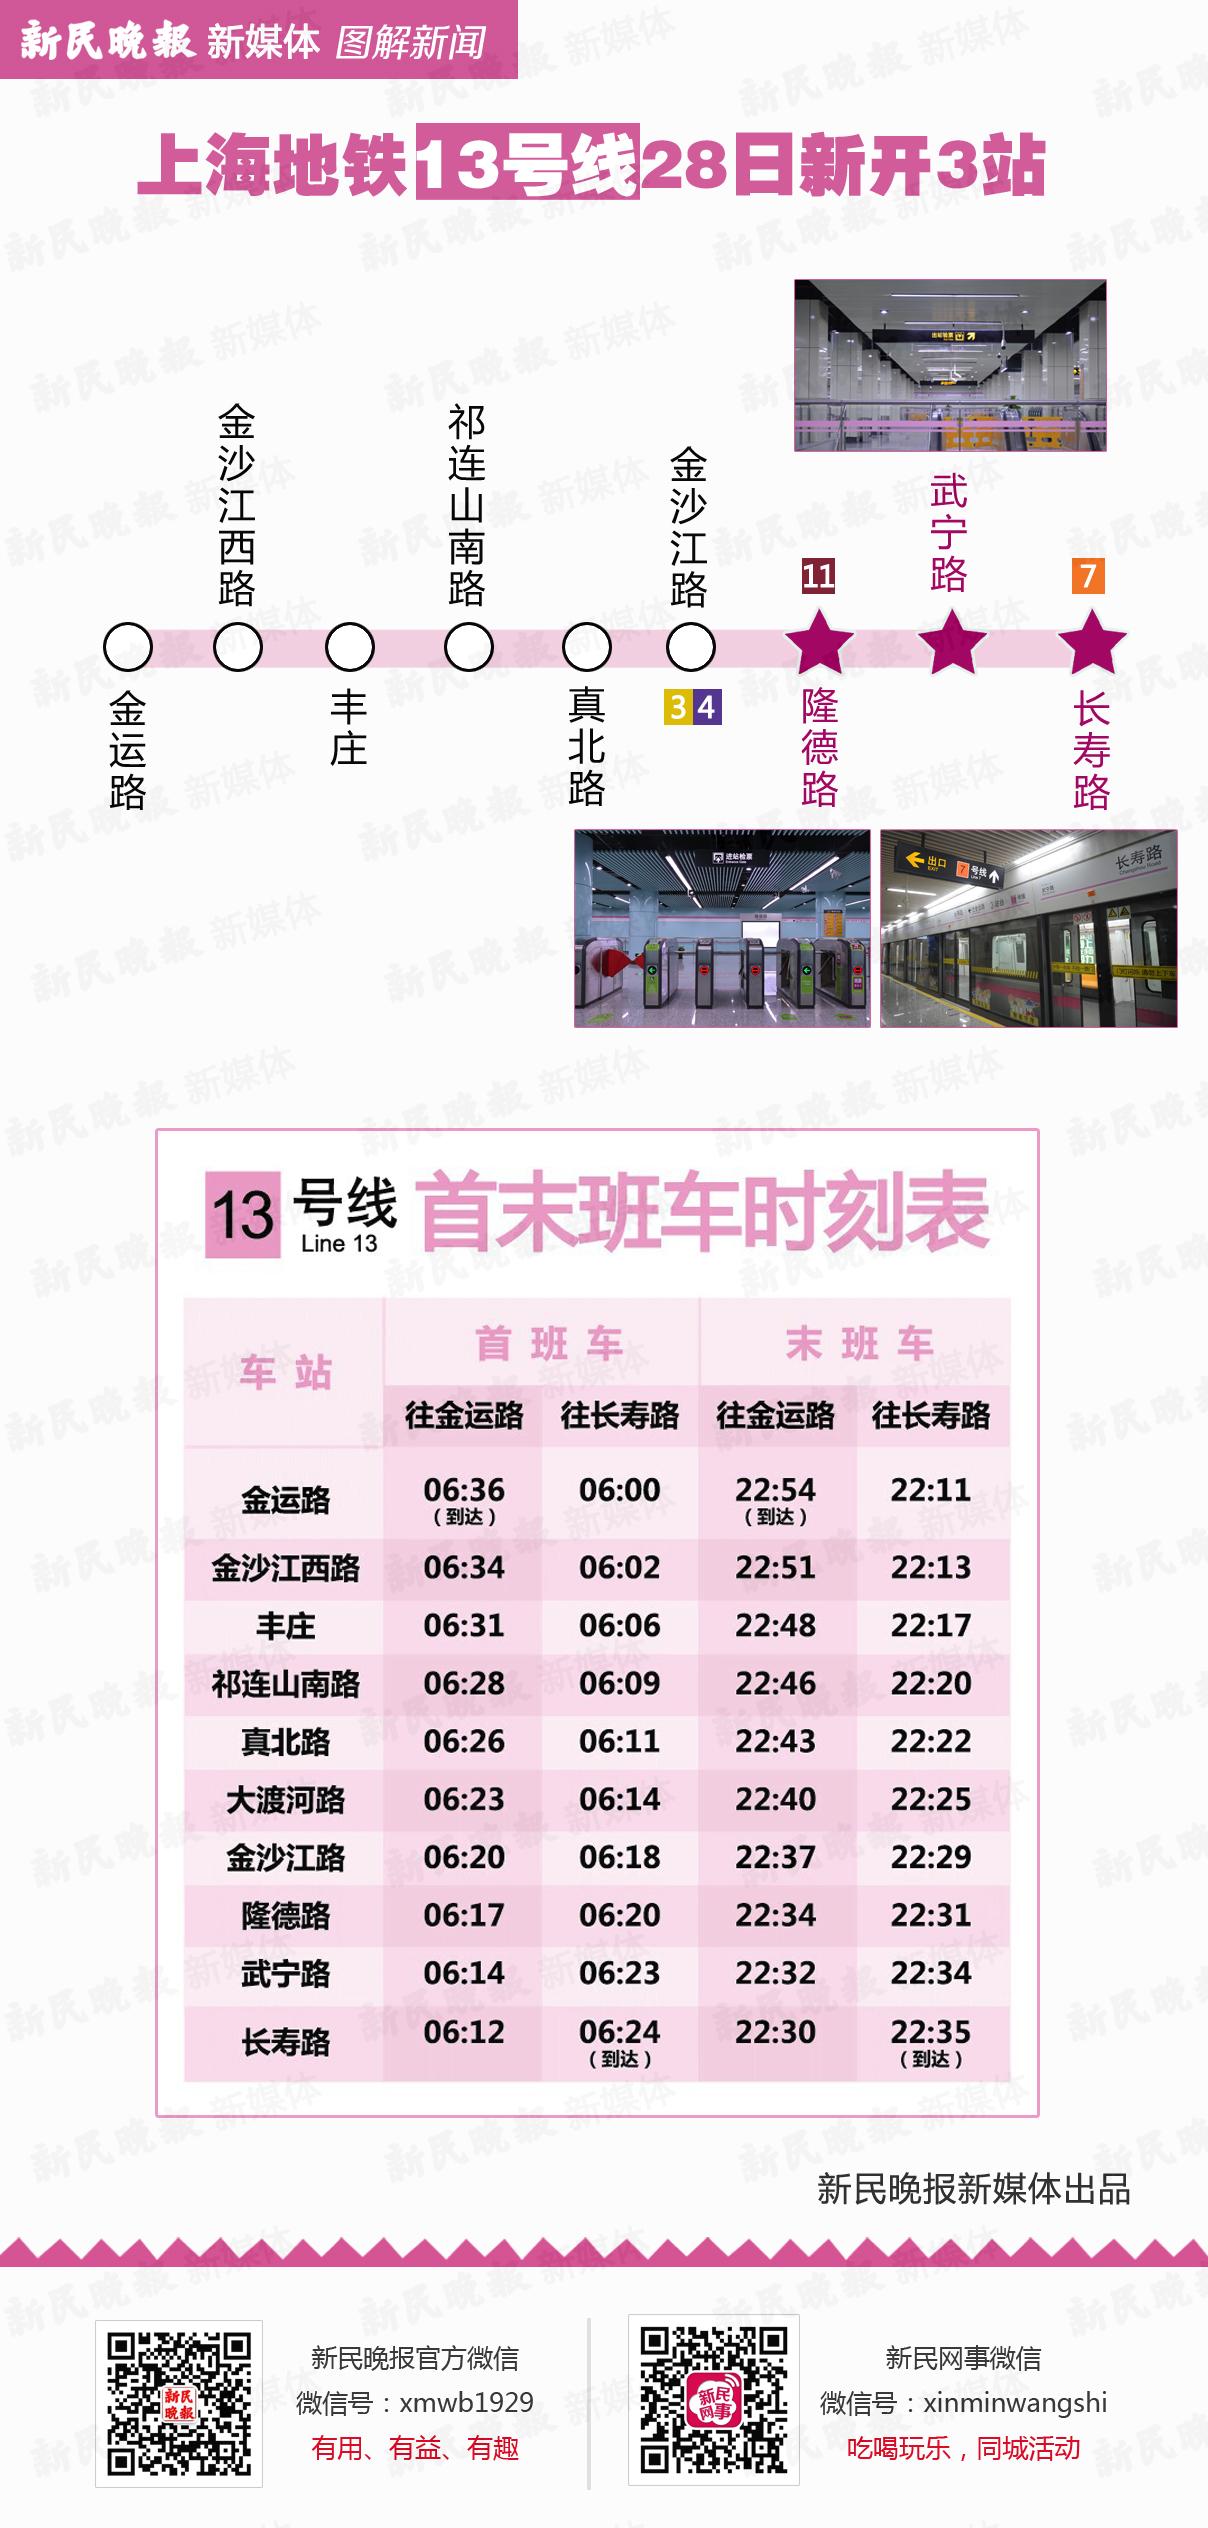 13号线28日新开3站 2换乘站